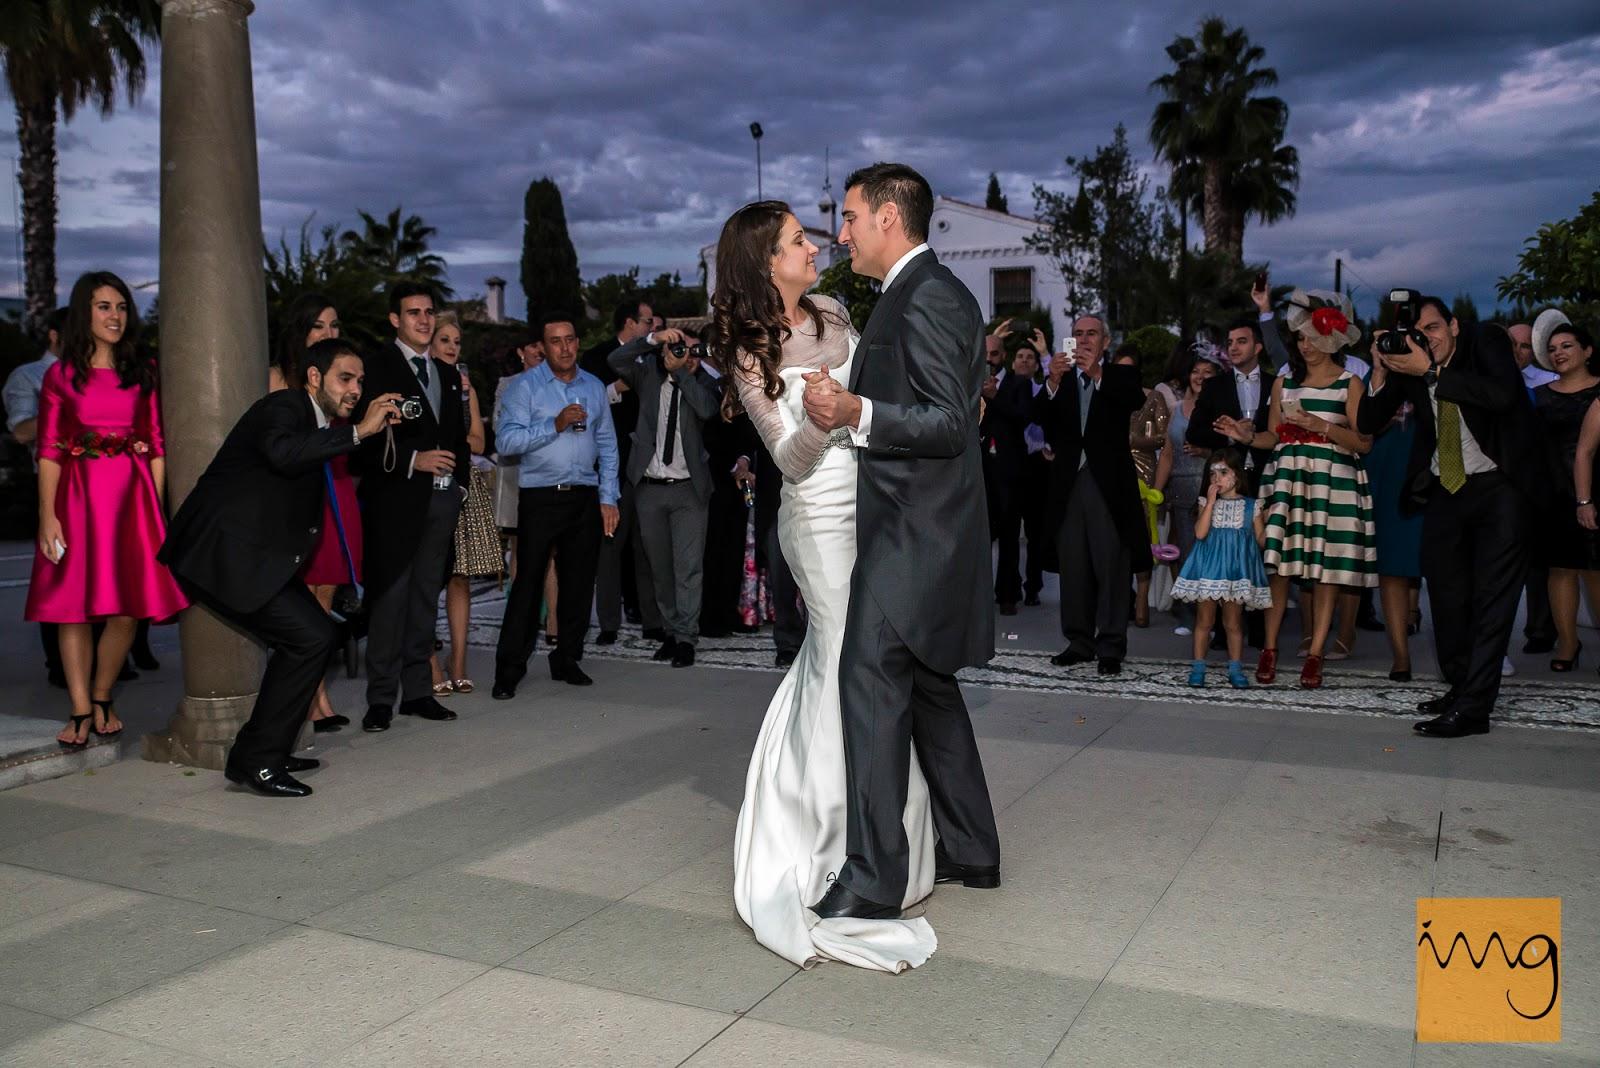 Fotografía de boda en Granada, el Baile de los novios